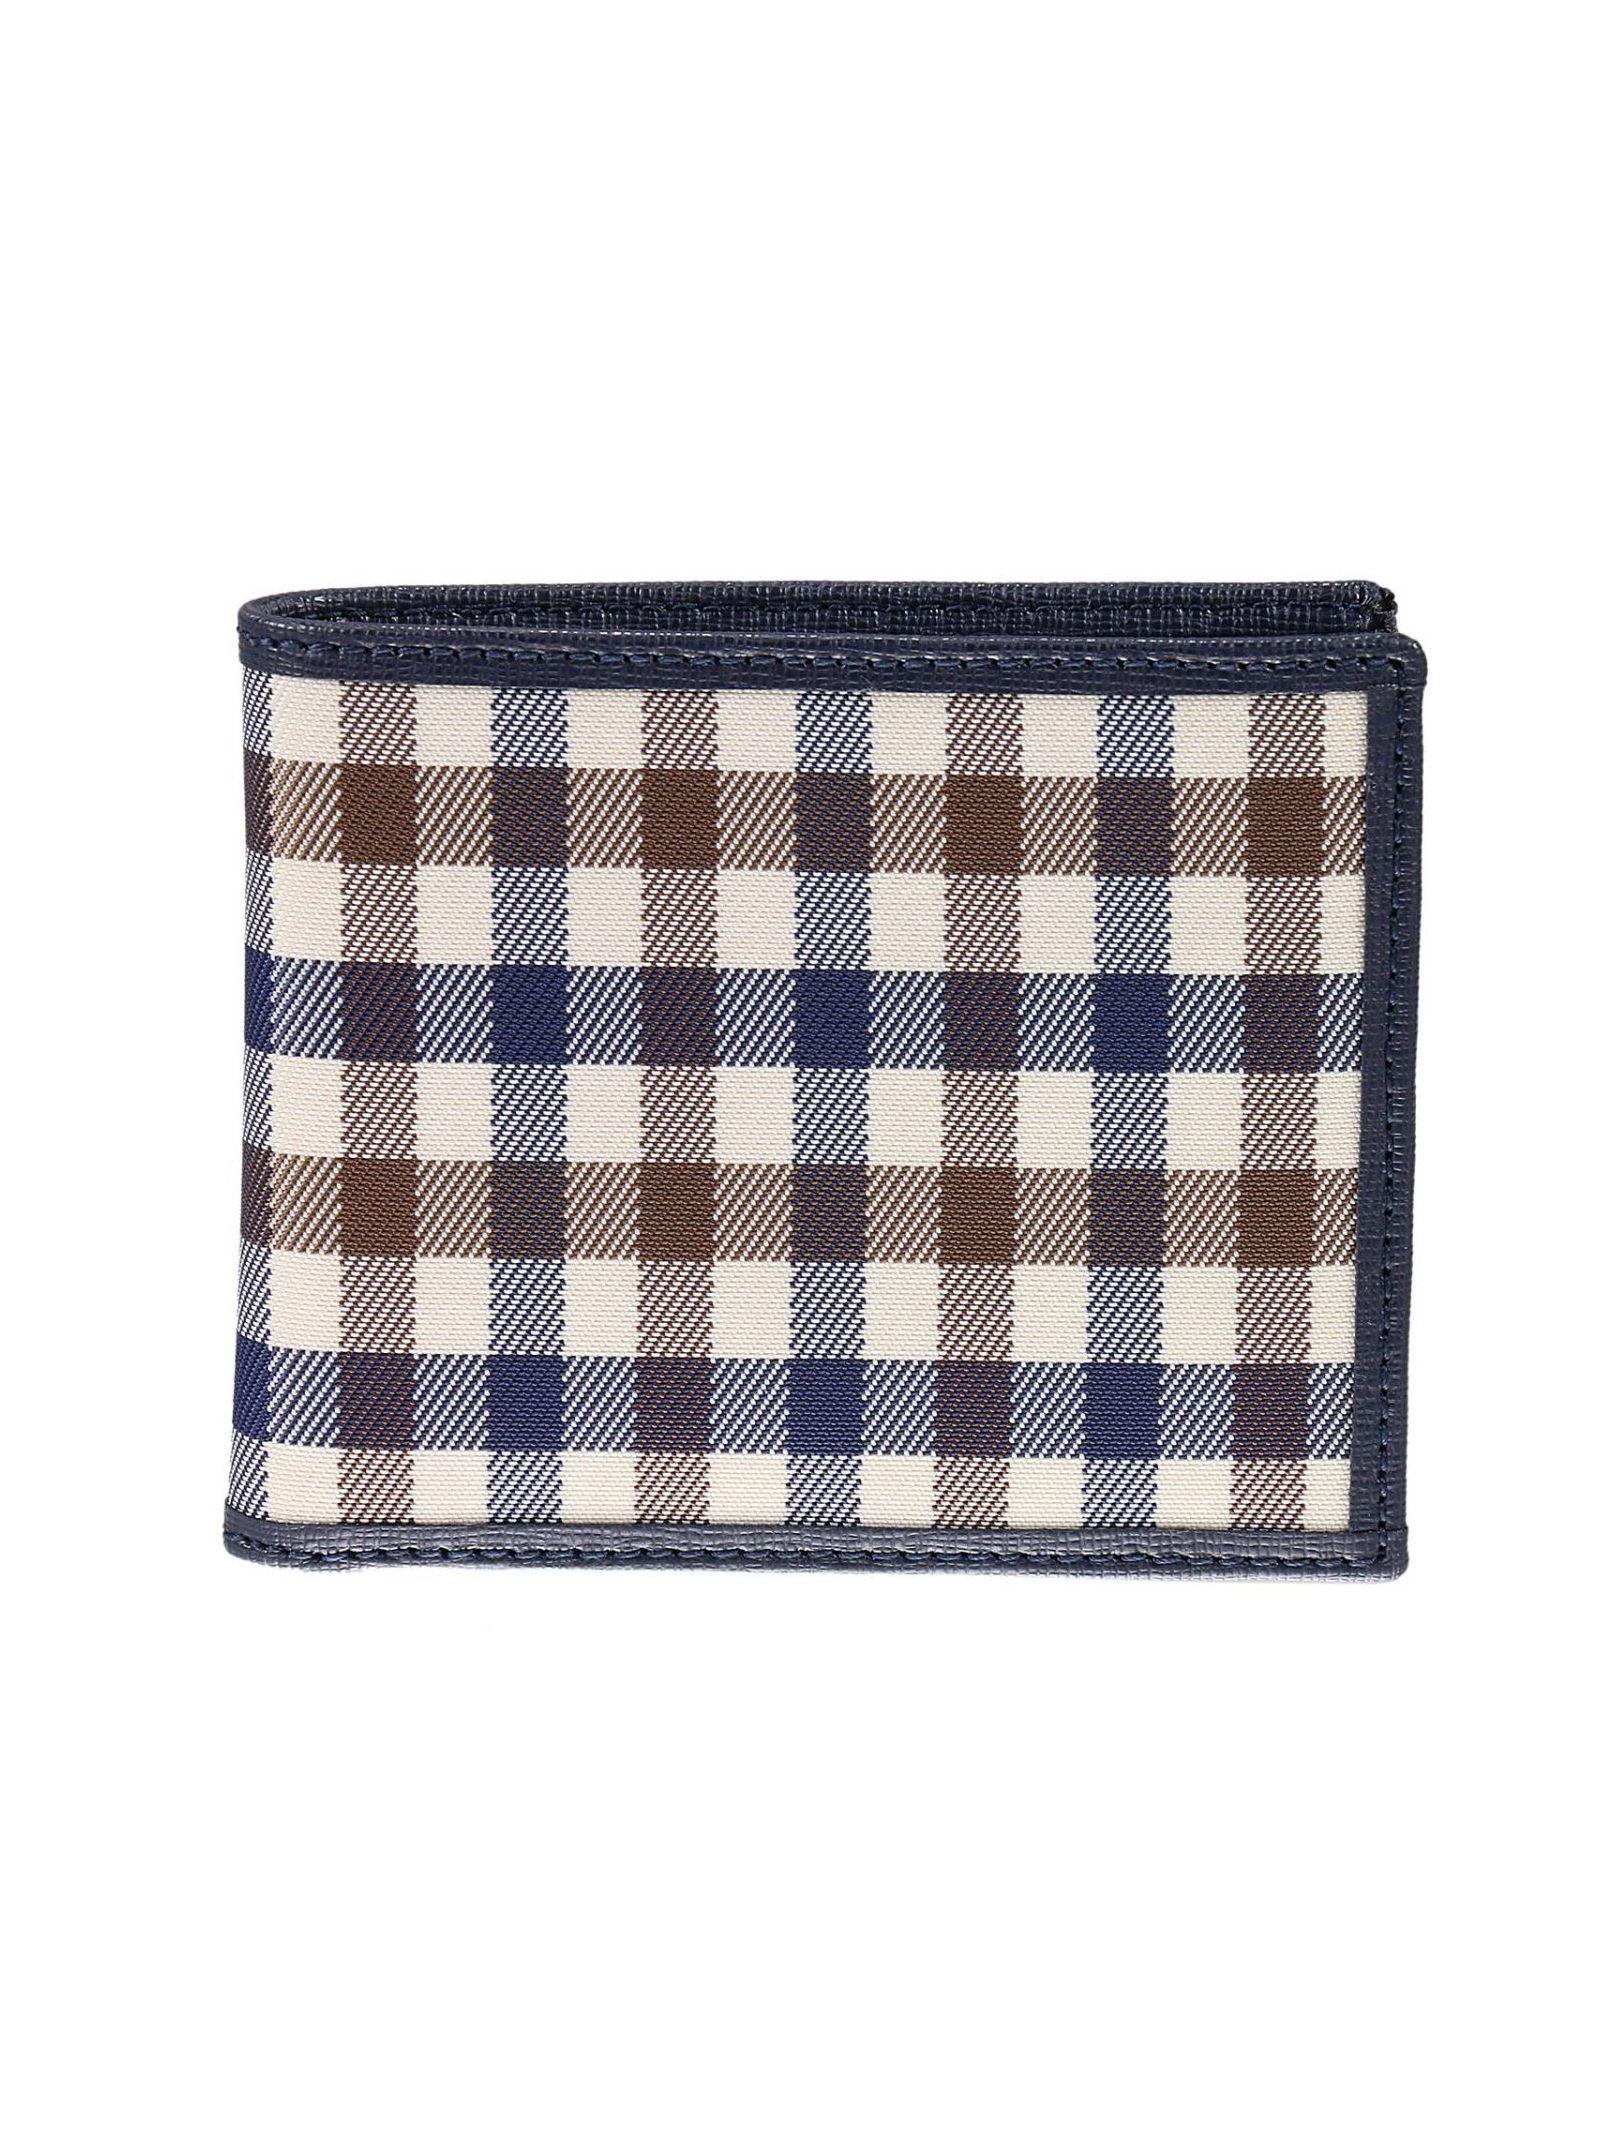 Wallet Wallet Man Aquascutum